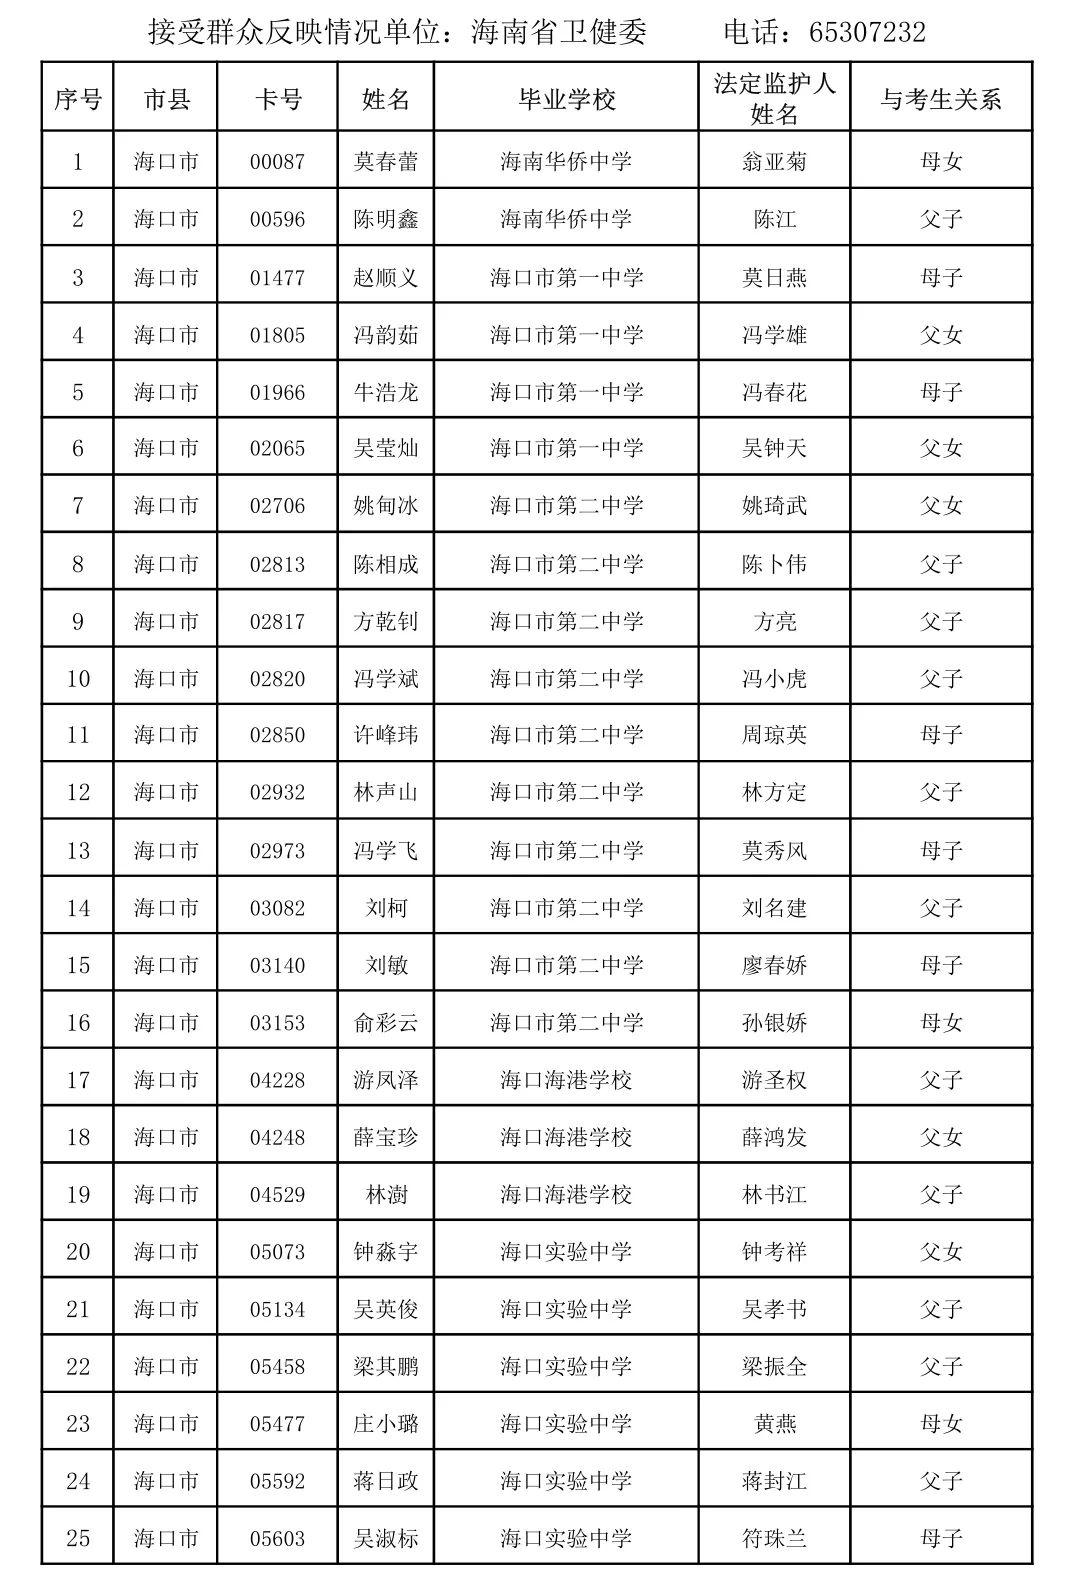 海南公示一批享受高考加分考生名单,看看有你吗?